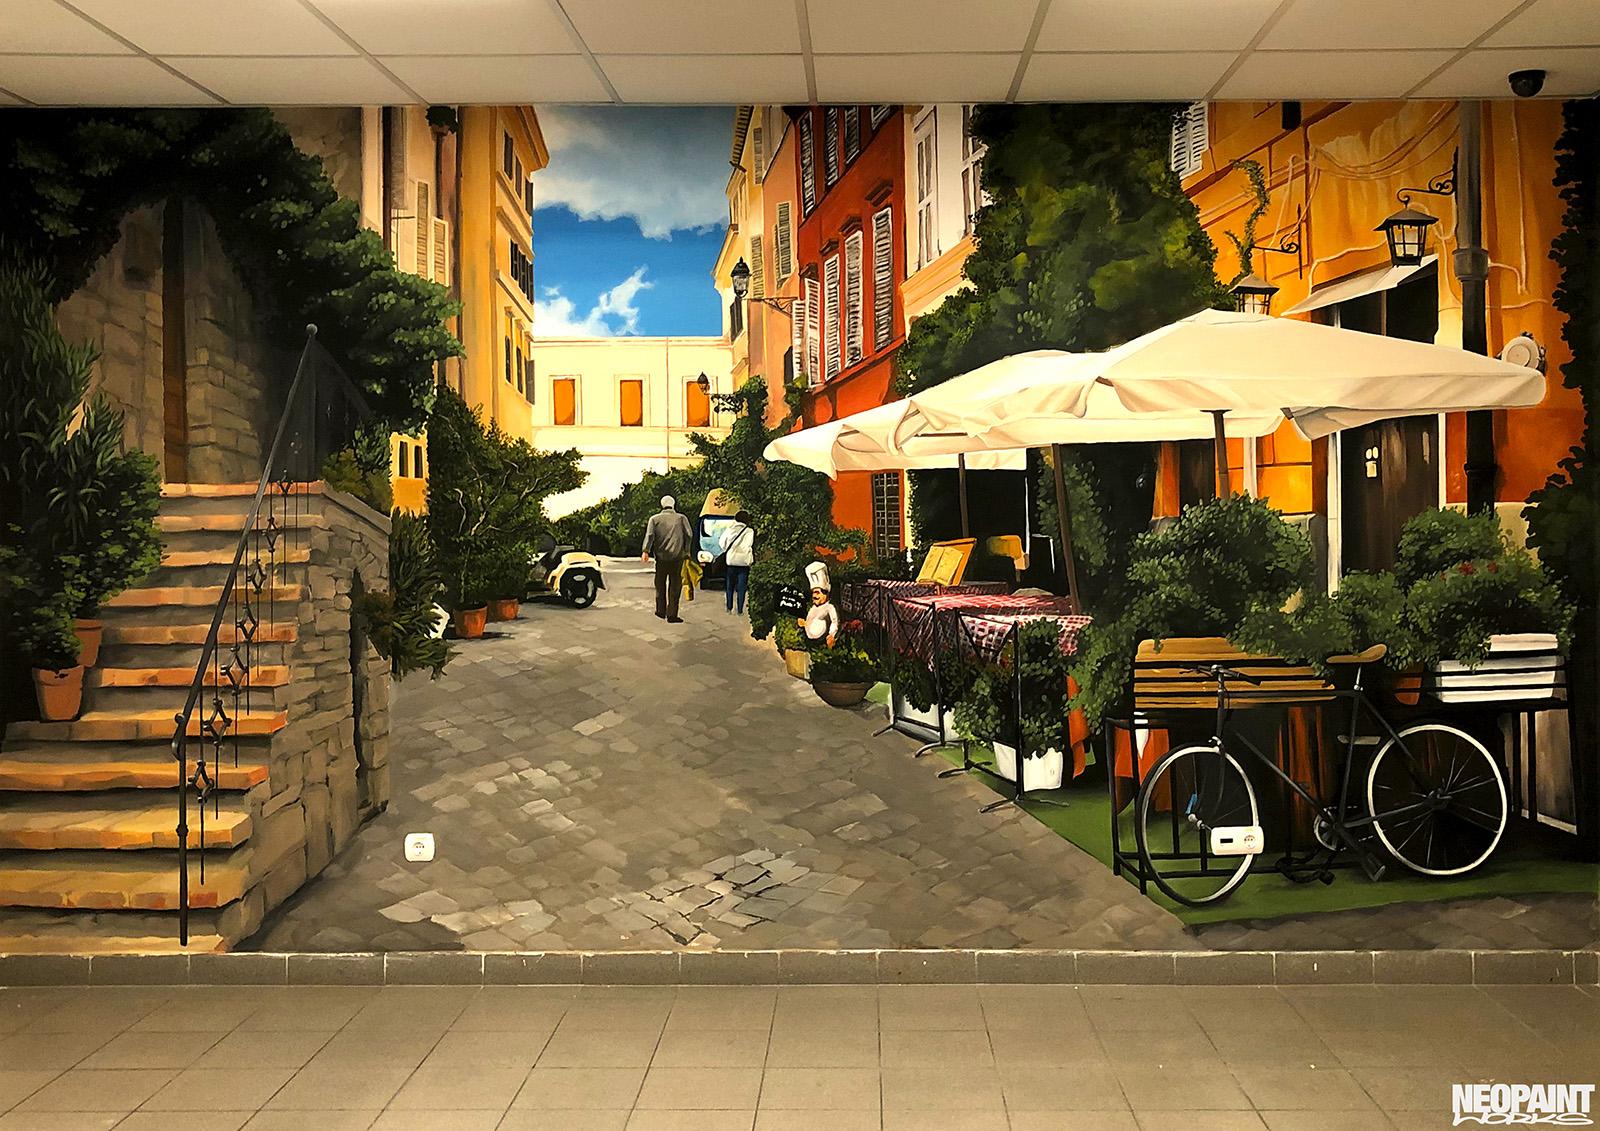 falfestmény dekoráció - graffiti - freskó - neopaint works - olasz kisváros (3)